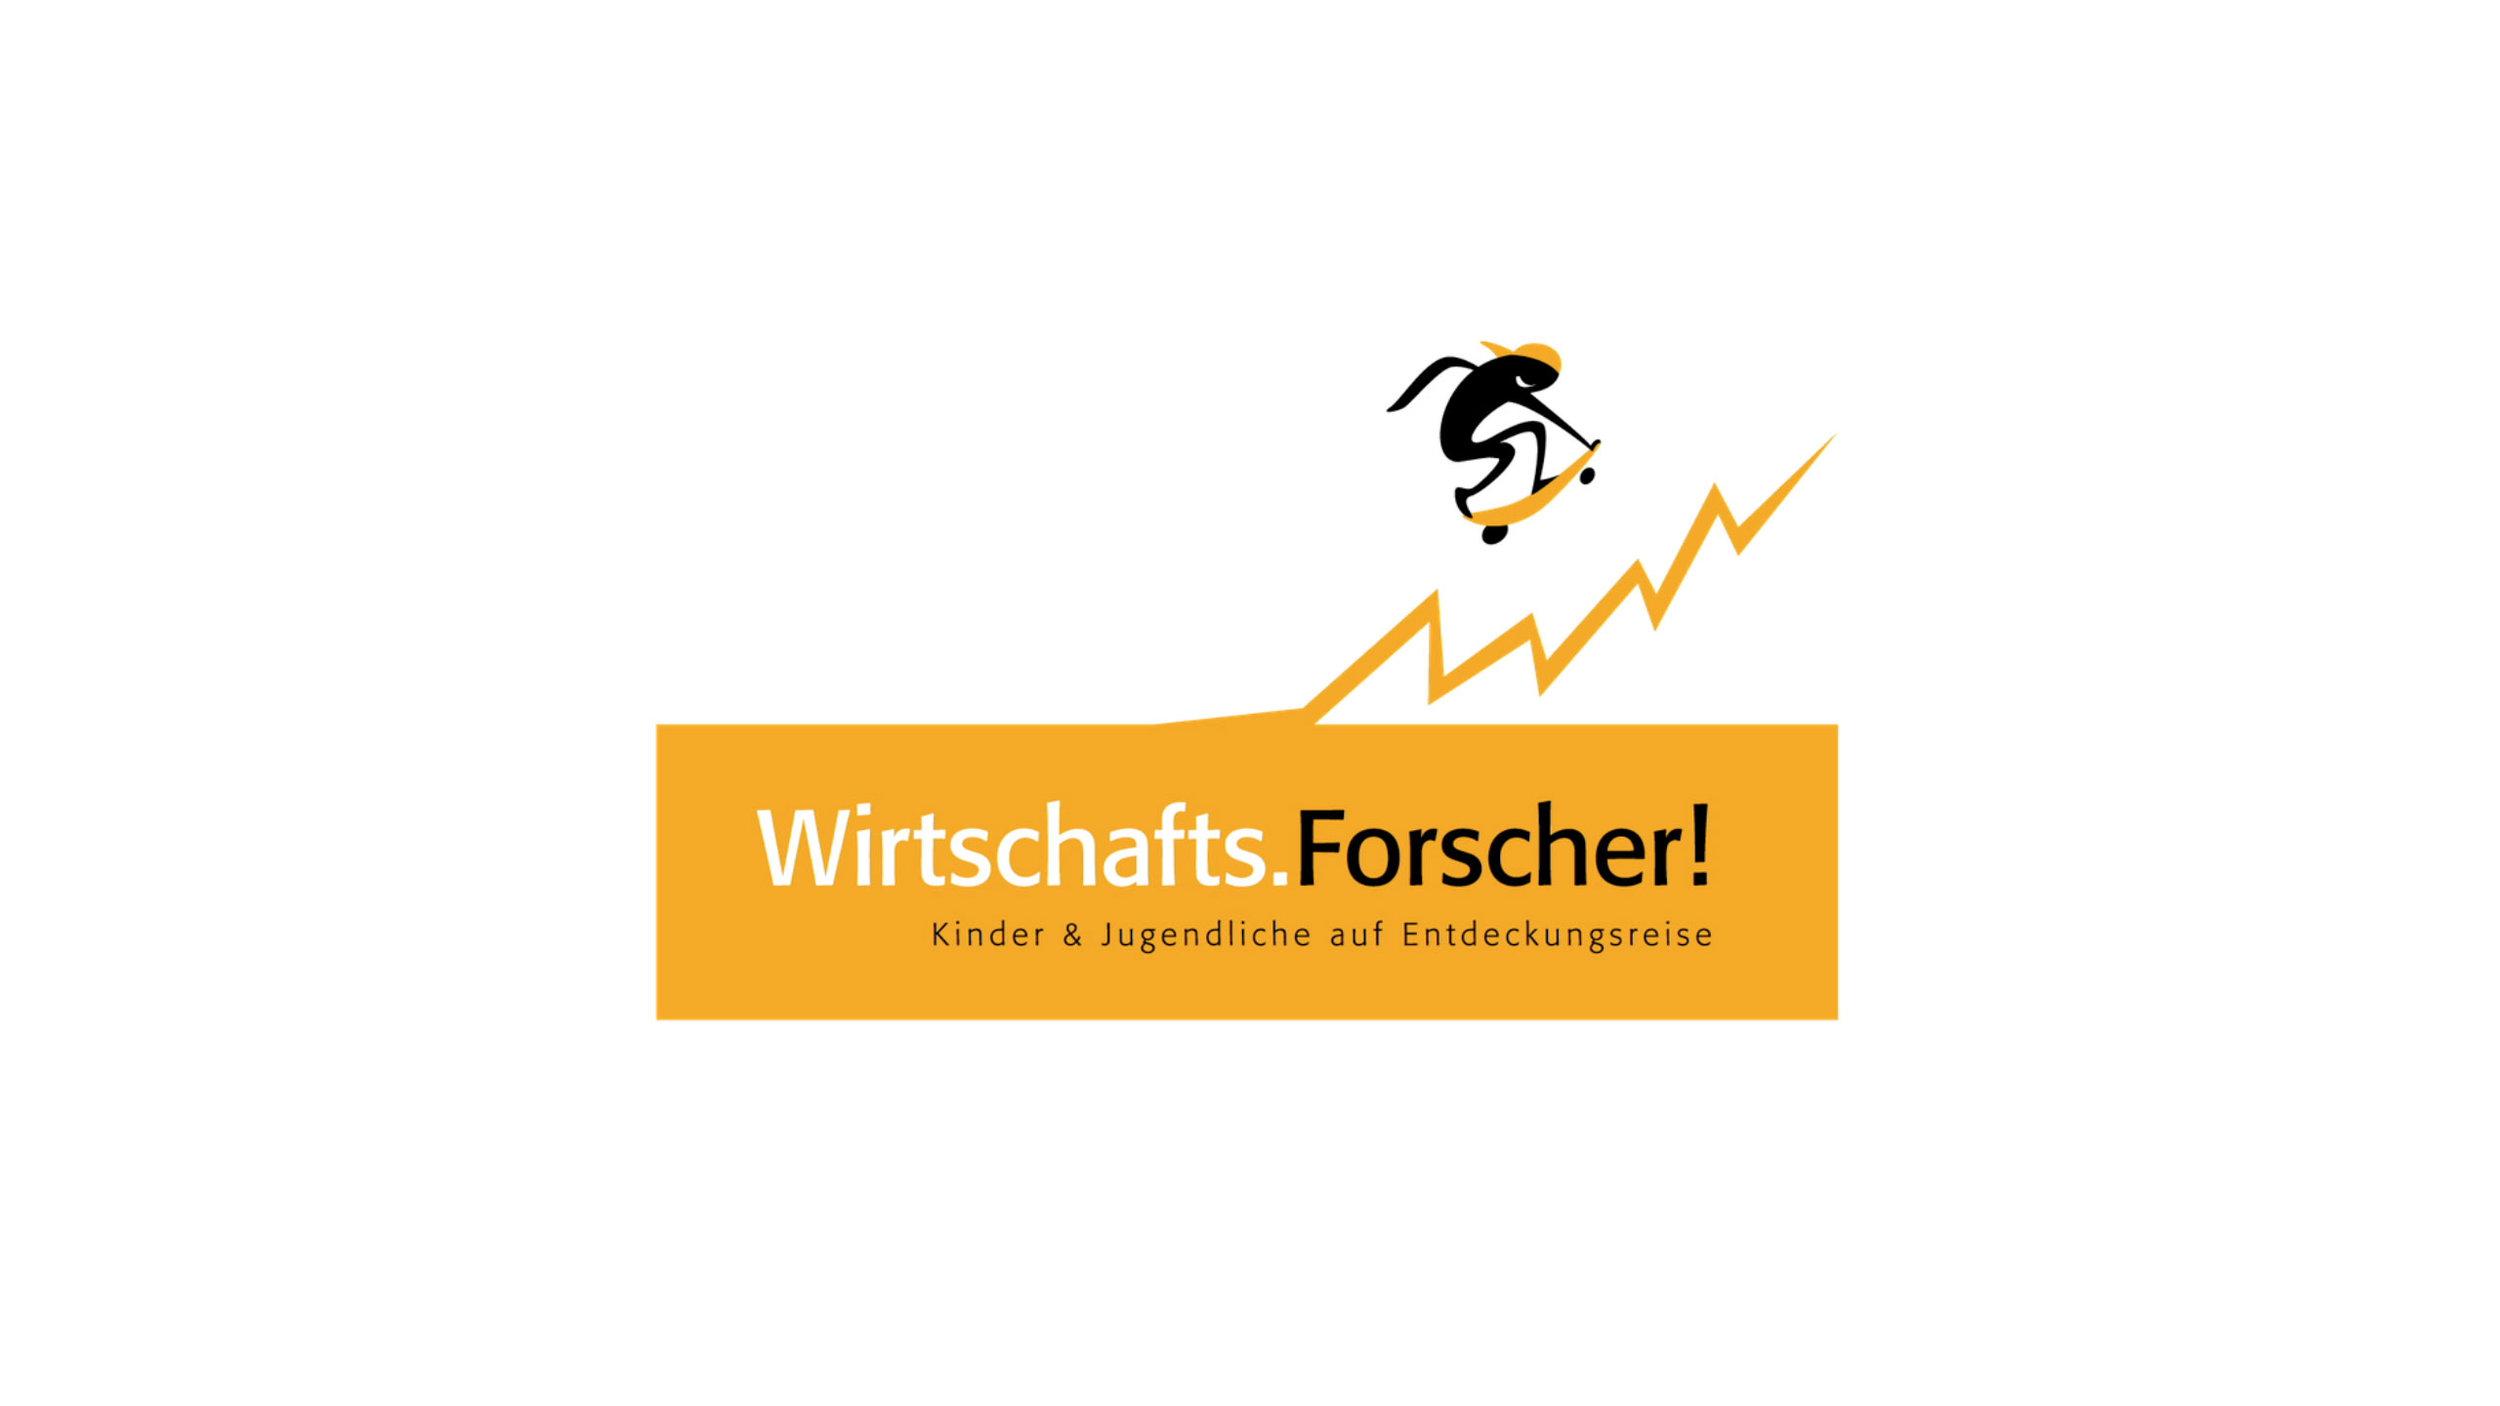 WIRTSCHAFTS.FORSCHER!_1.jpg